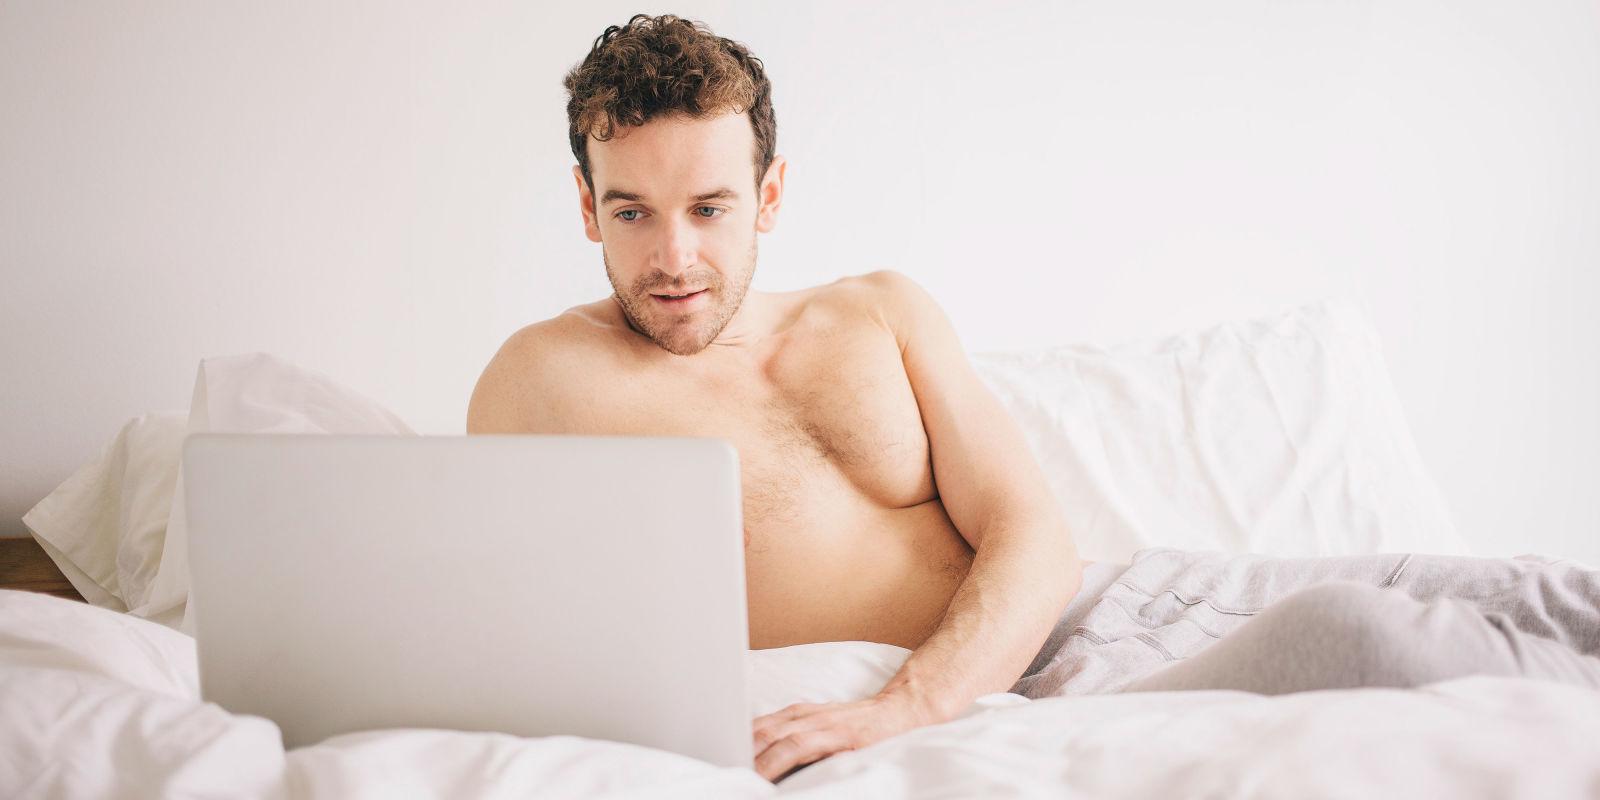 Erkekler Seks Yapmak Yerine Porno İzlemeyi Tercih Ediyor